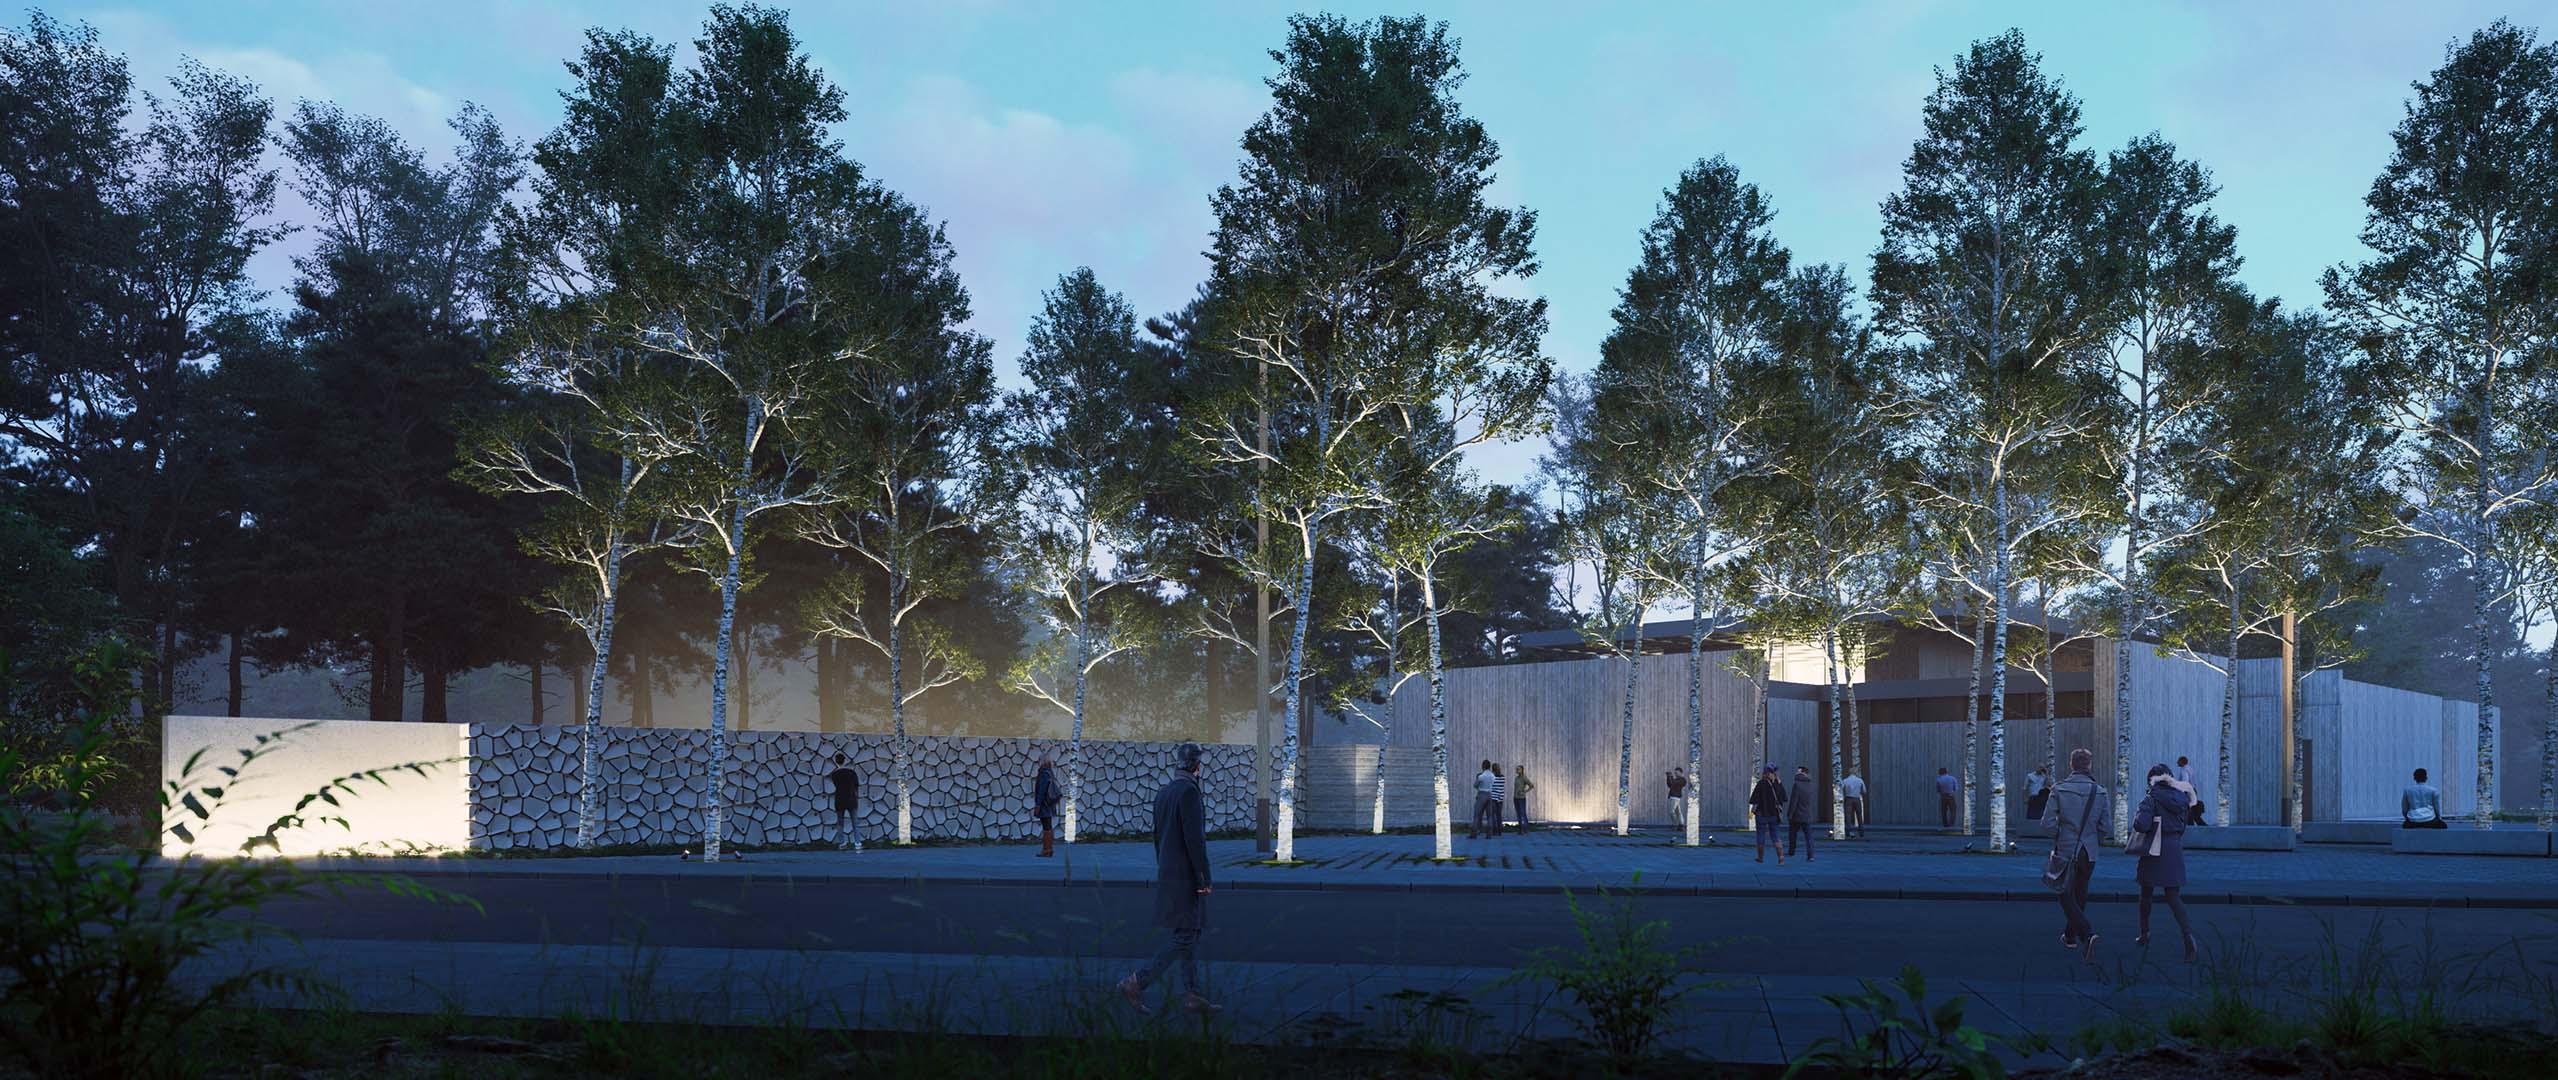 Anıt Duvar, Geniş Yaya Aksı